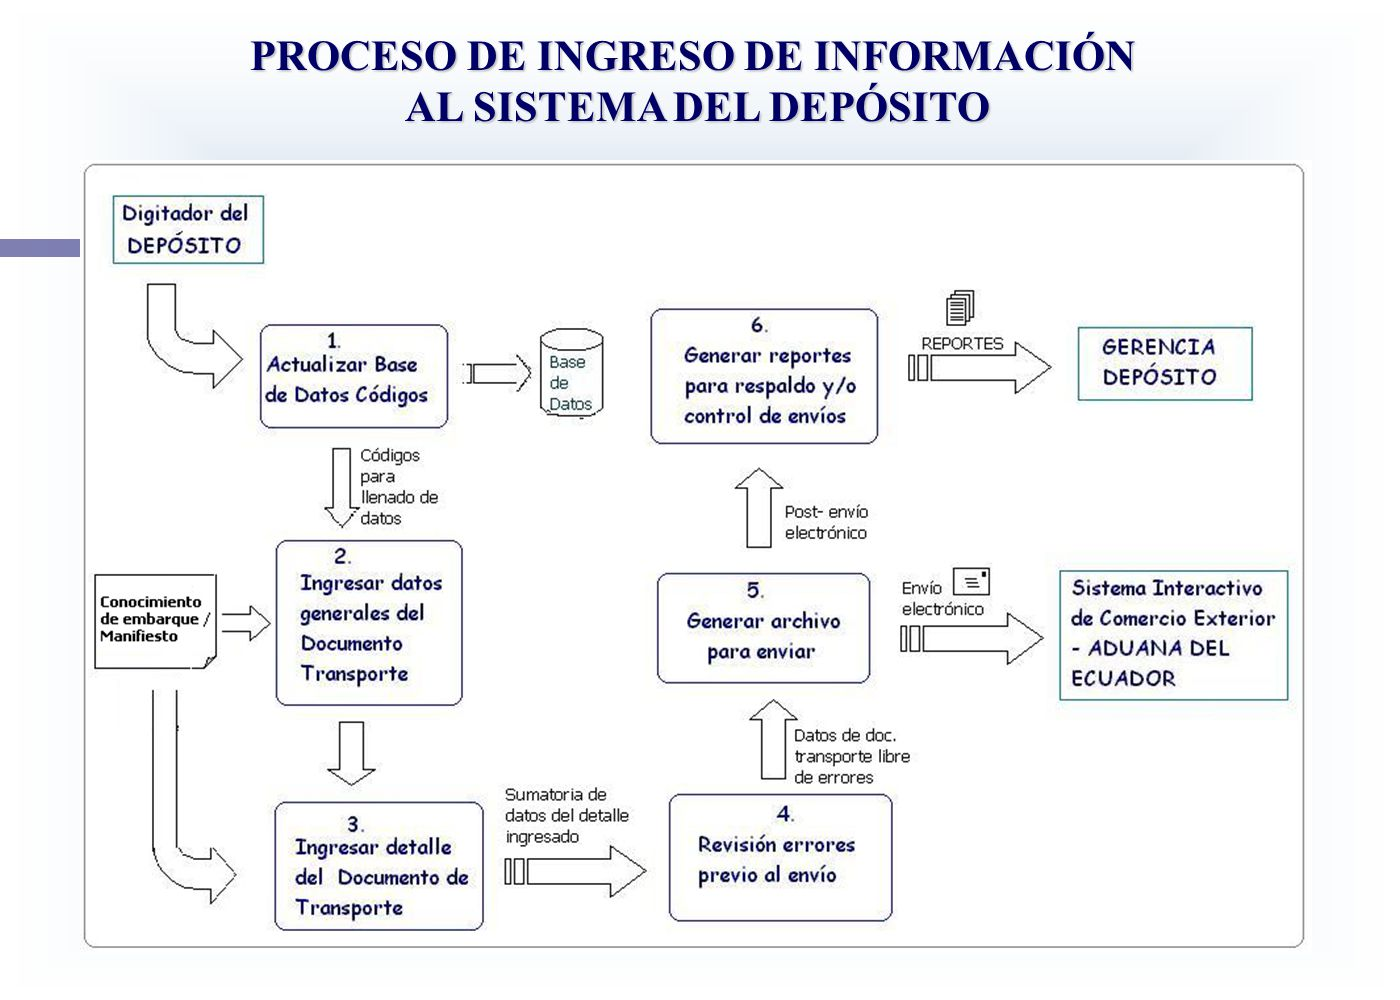 PROCESO DE INGRESO DE INFORMACIÓN AL SISTEMA DEL DEPÓSITO